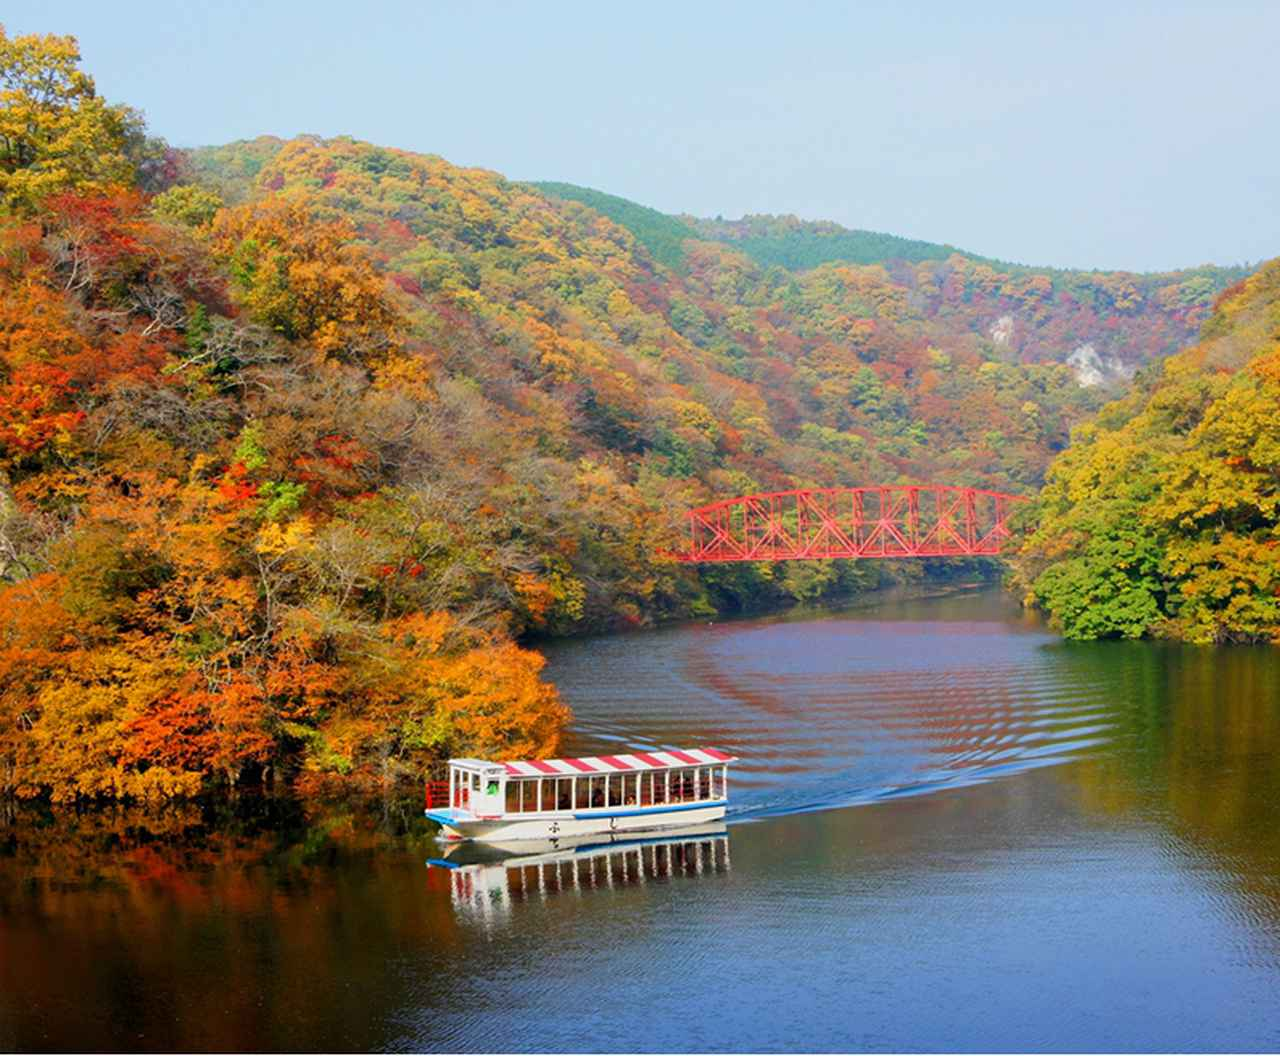 画像: 帝釈峡(神龍湖)の遊覧船(※イメージ)